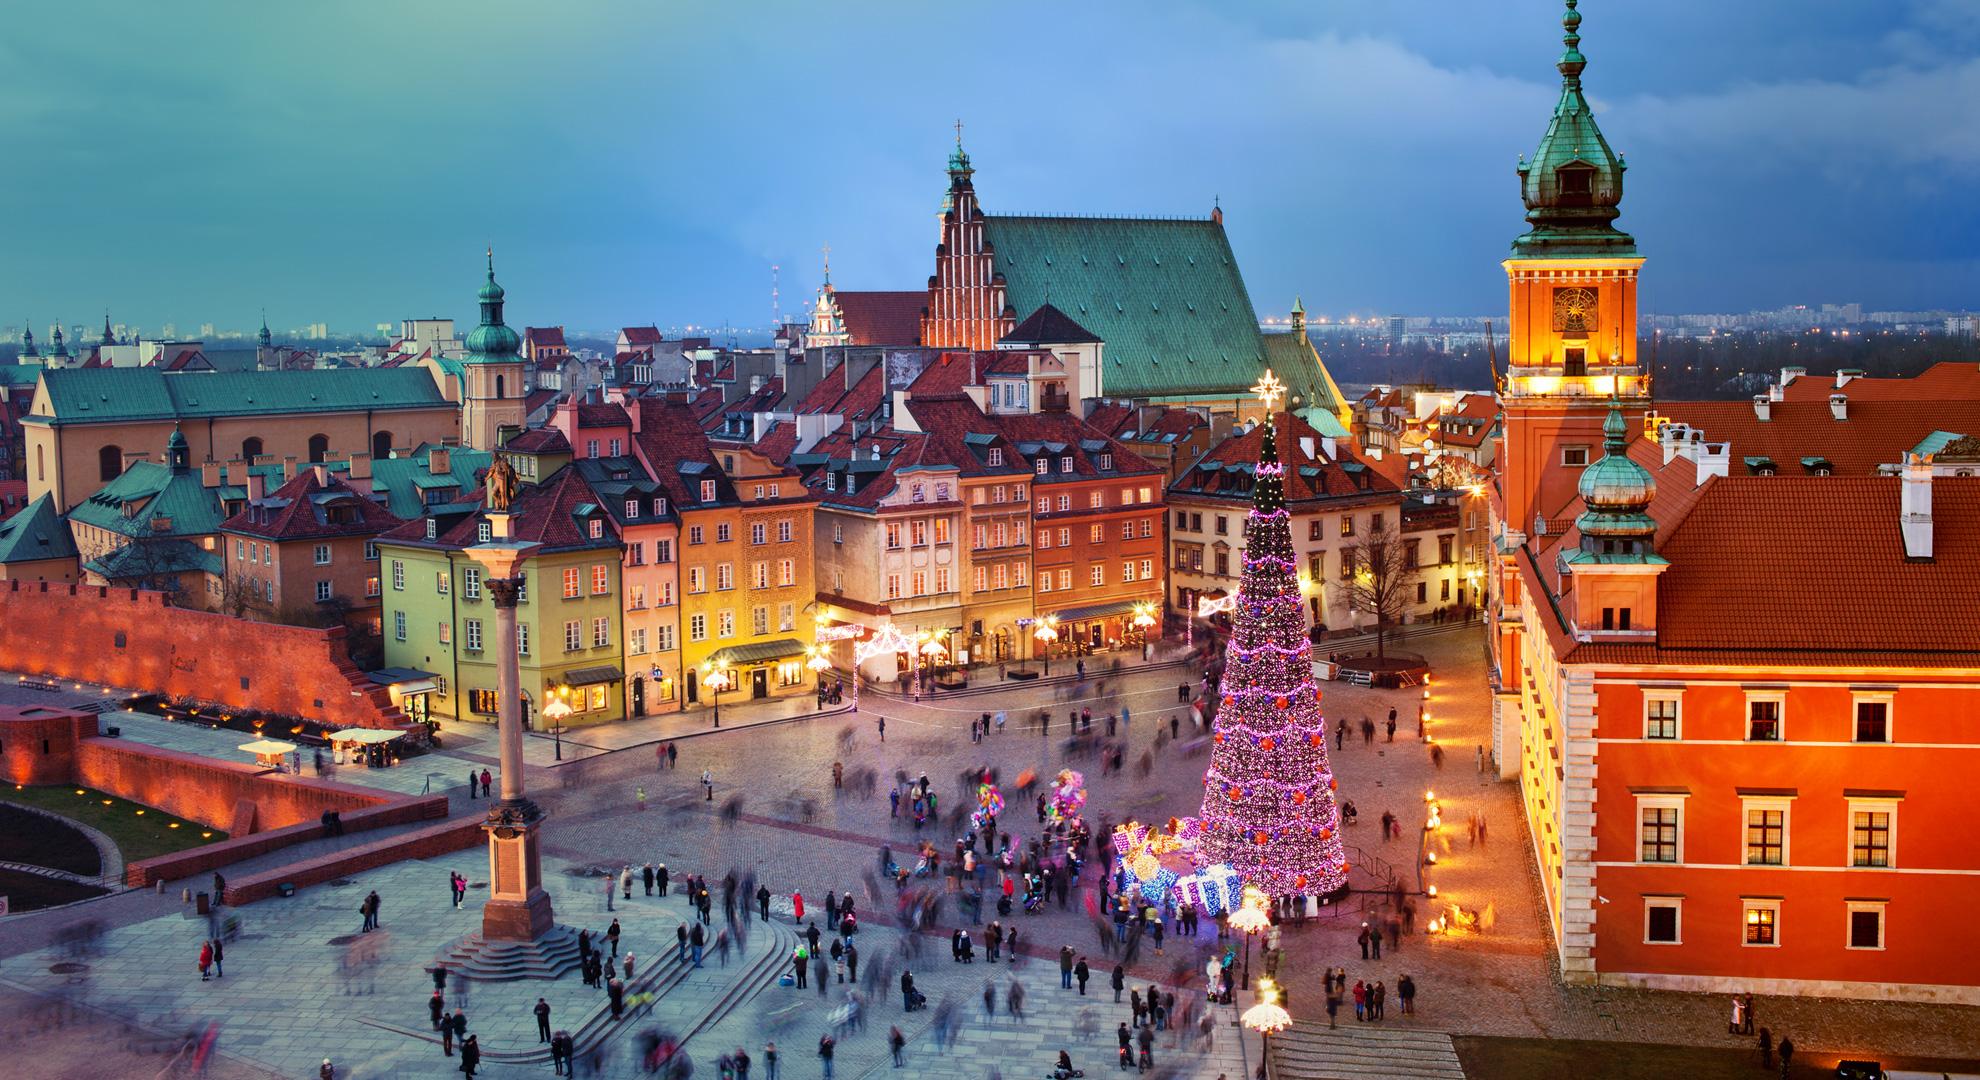 فلوشیب سازمان یونسکو در کشور لهستان سال ۲۰۱۸